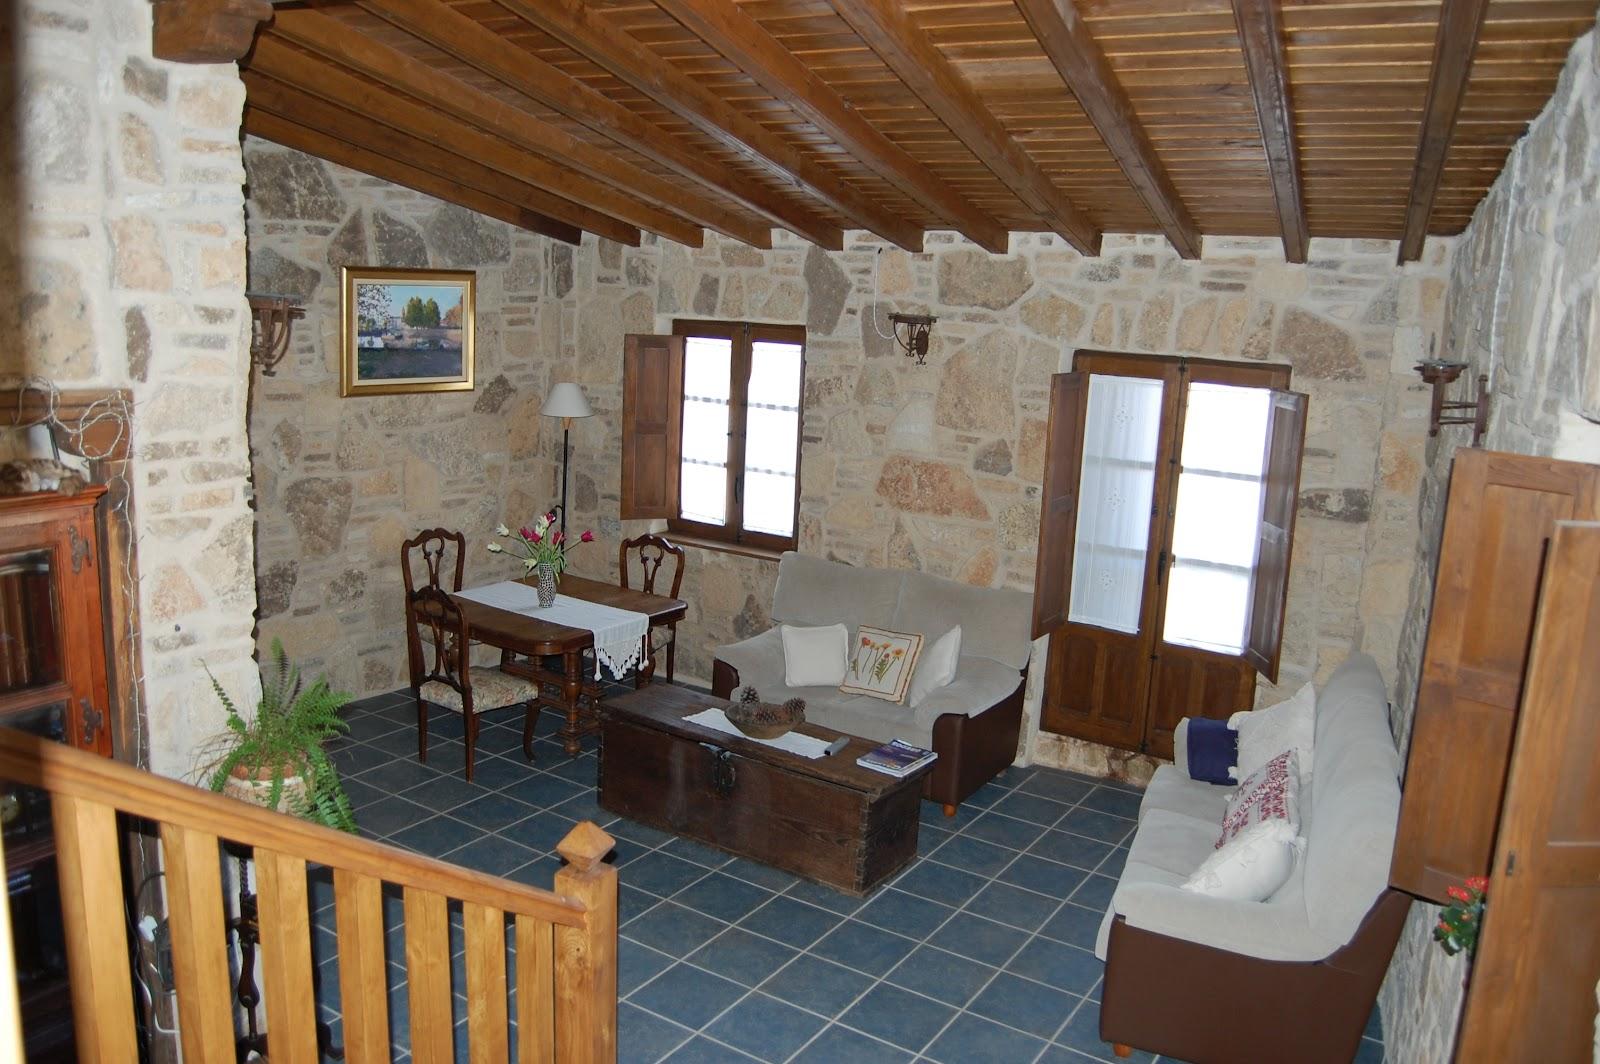 Hotel rural balc n del pueblo - Decoracion de casas de pueblo ...